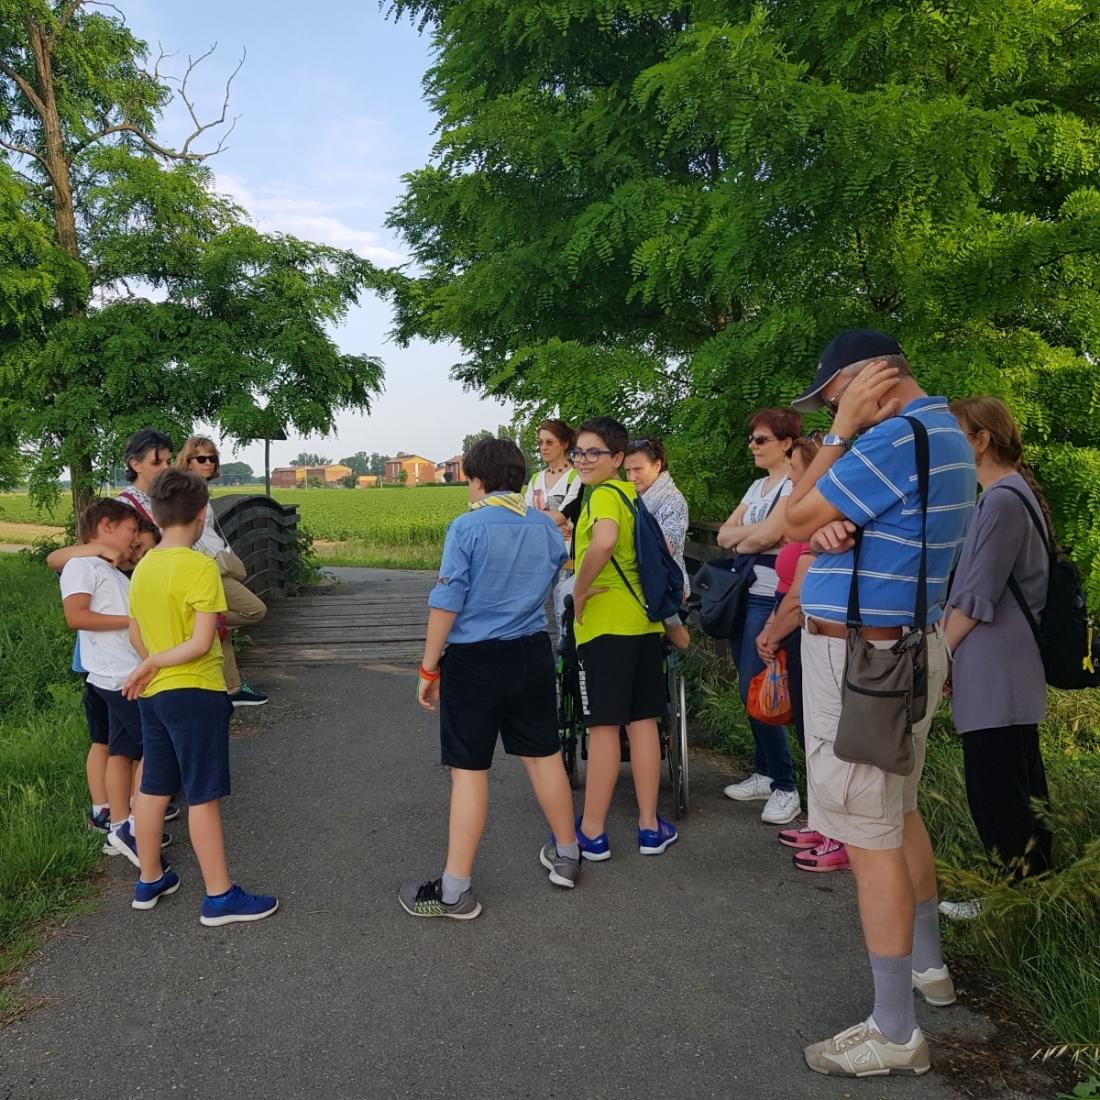 Pellegrinaggio Paderna 2018 (15)